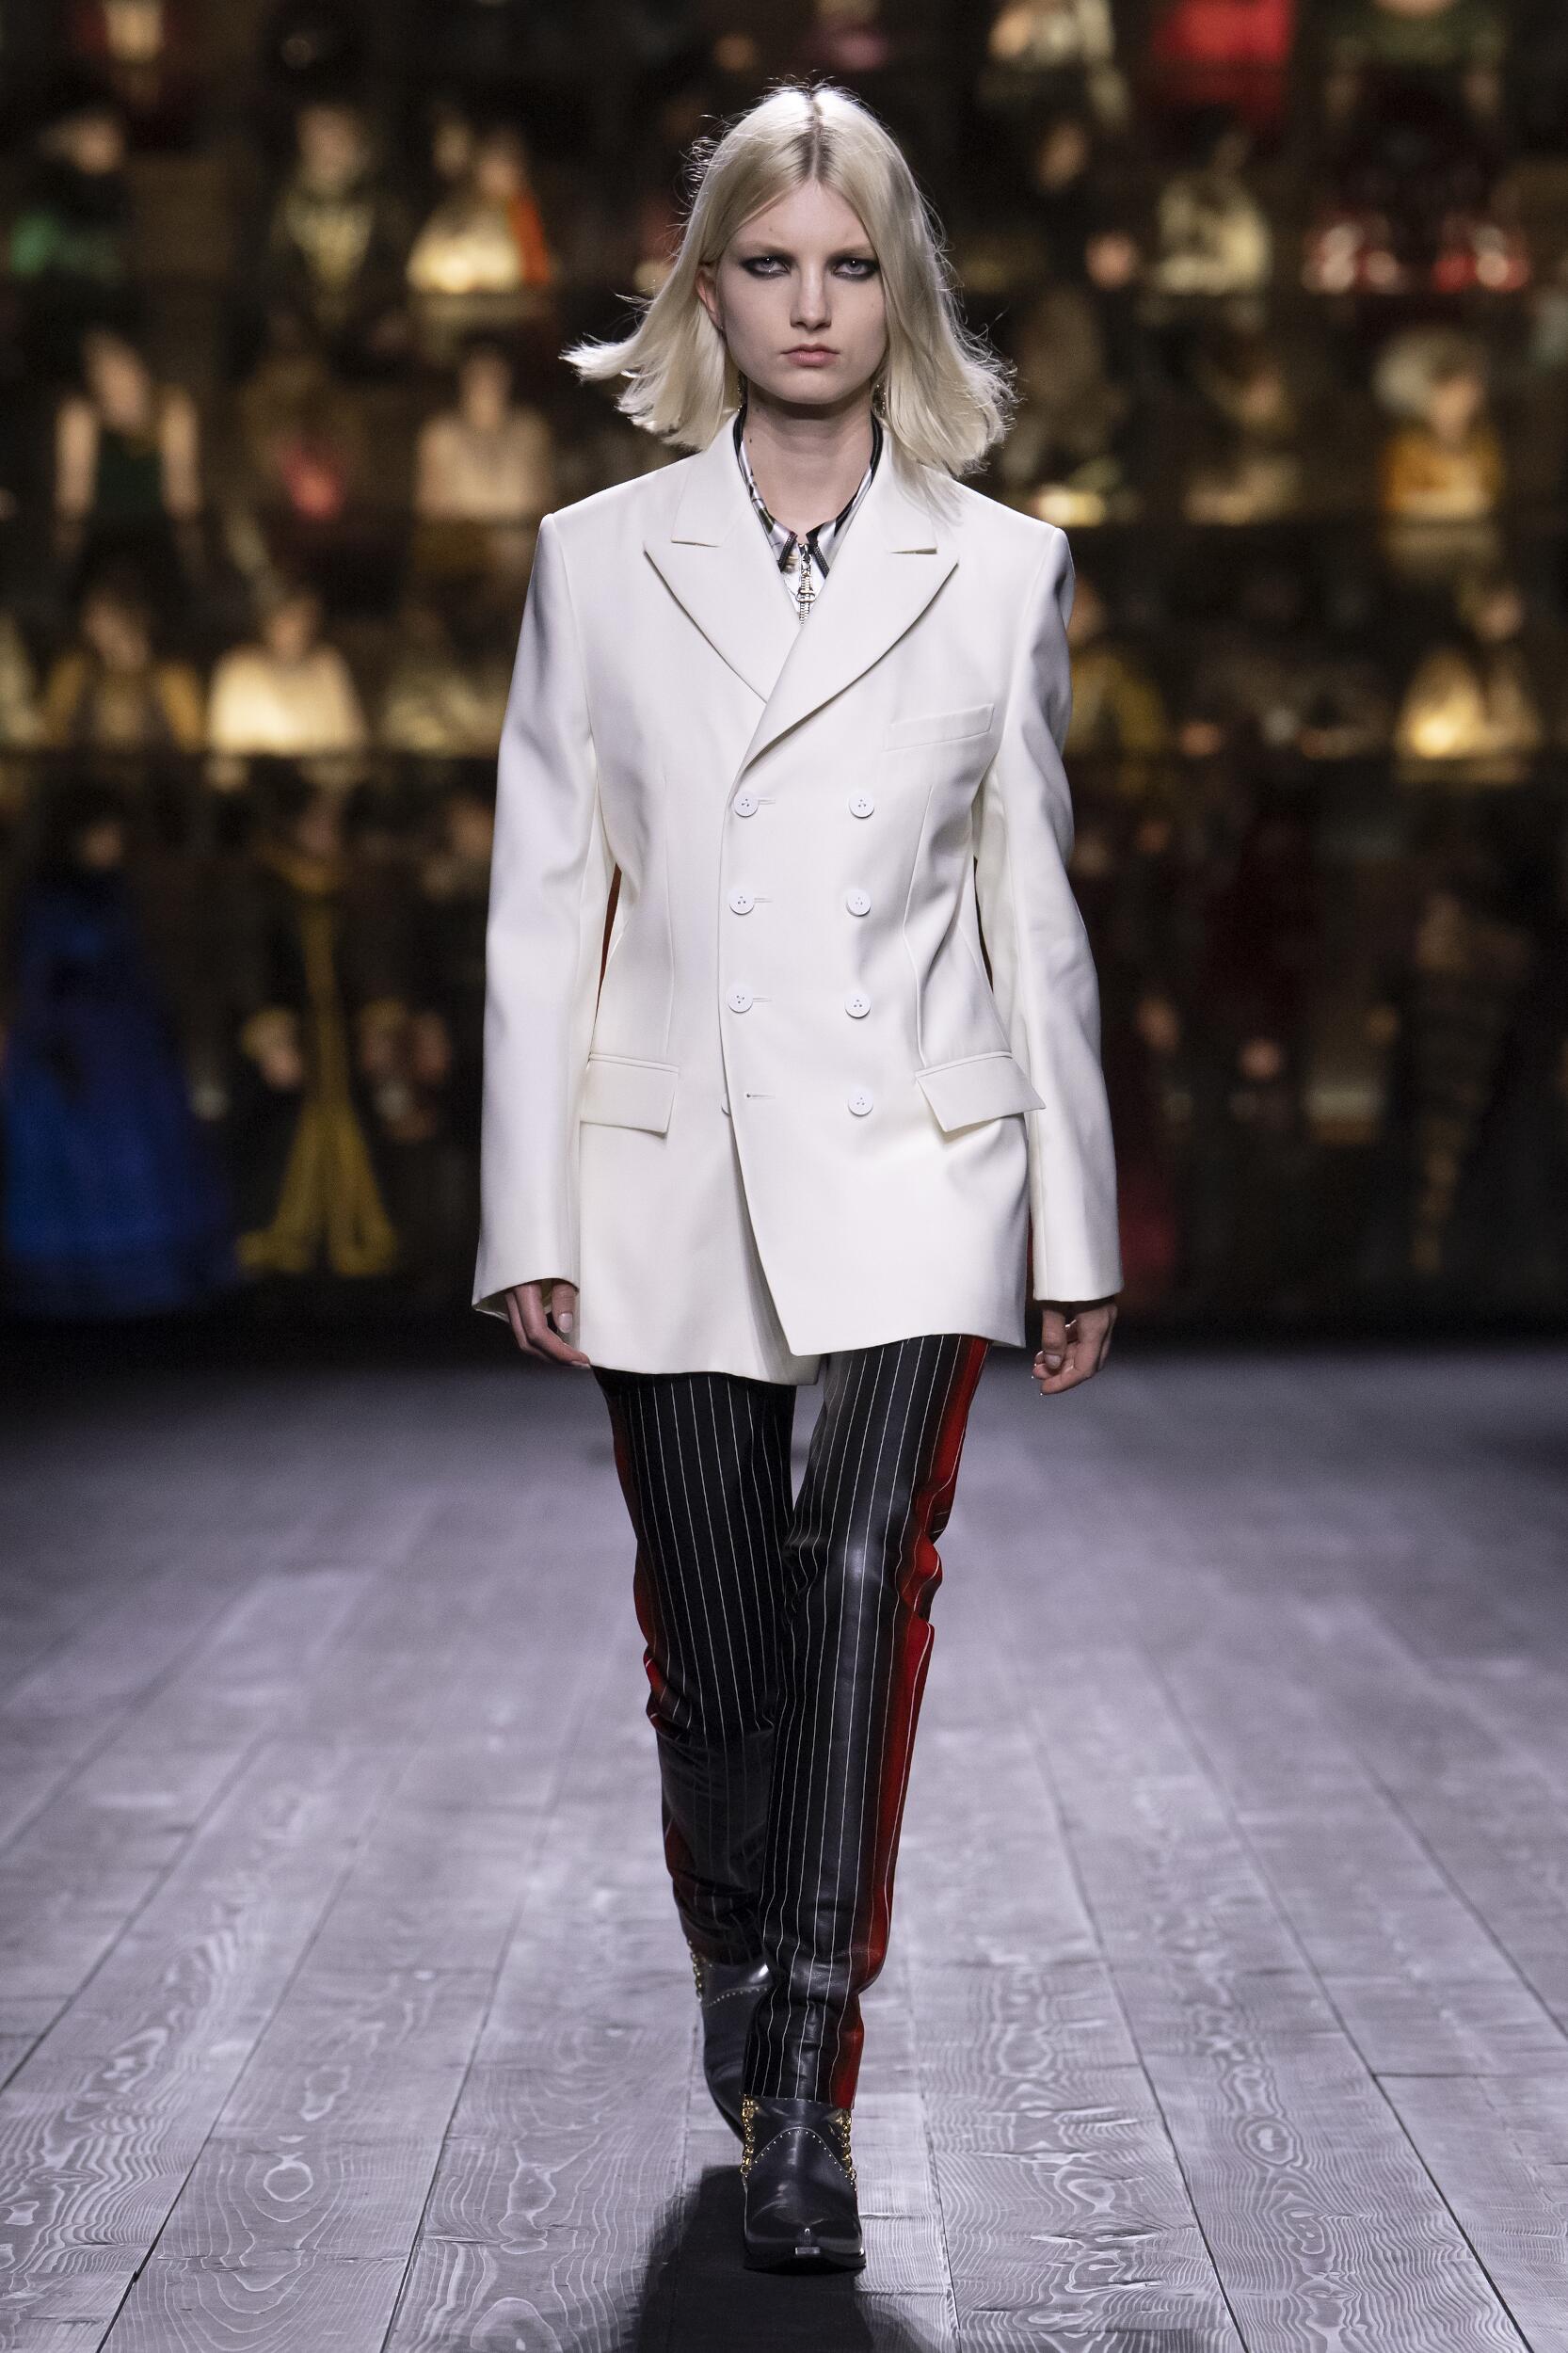 2020 Catwalk Louis Vuitton Winter